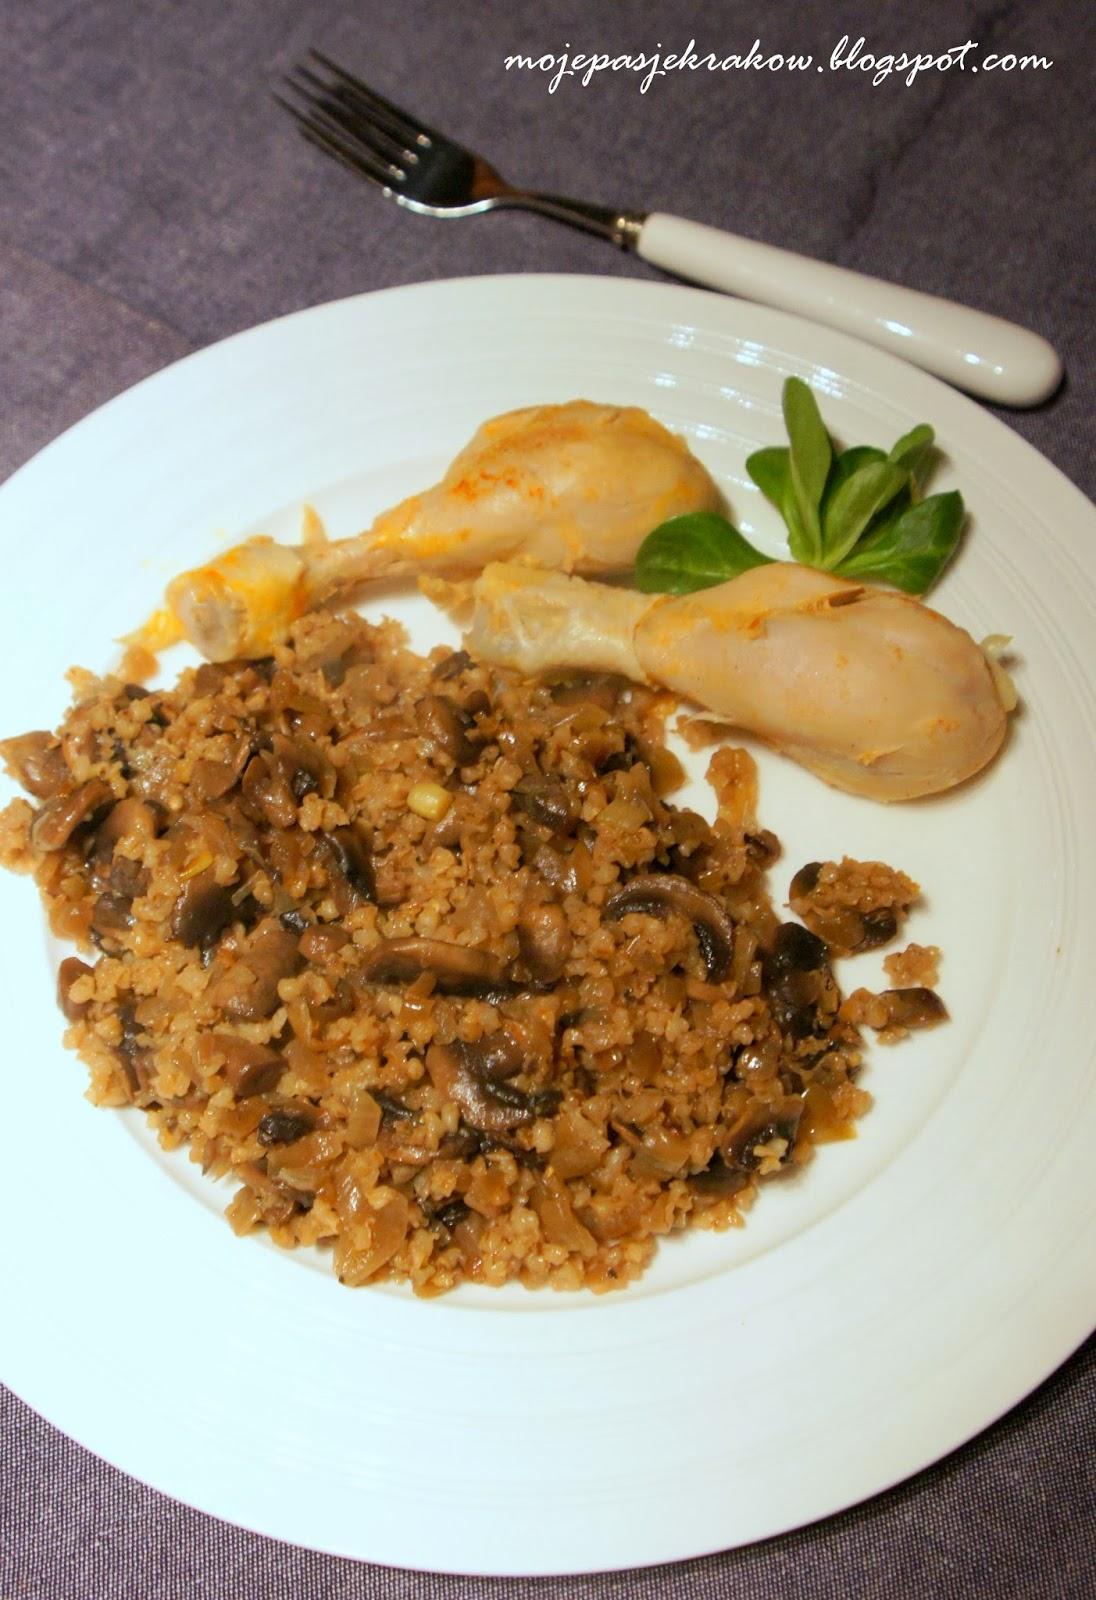 http://mojepasjekrakow.blogspot.com/2014/03/kasza-z-pieczarkami-i-kurczakiem-obiad.html